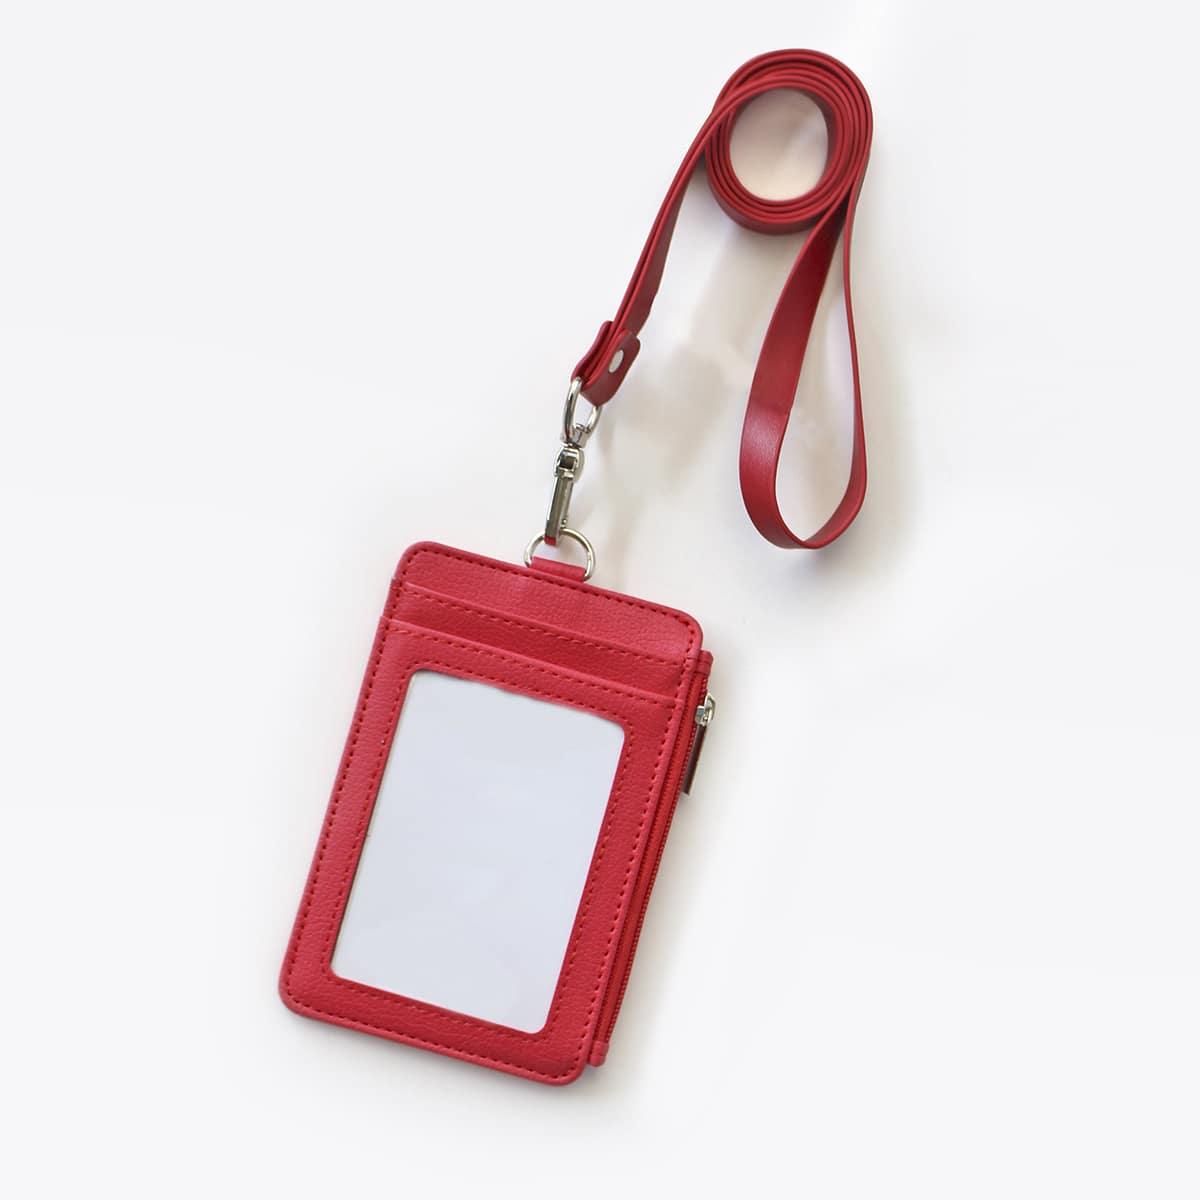 1шт Обложка для ID-карты со шнурком